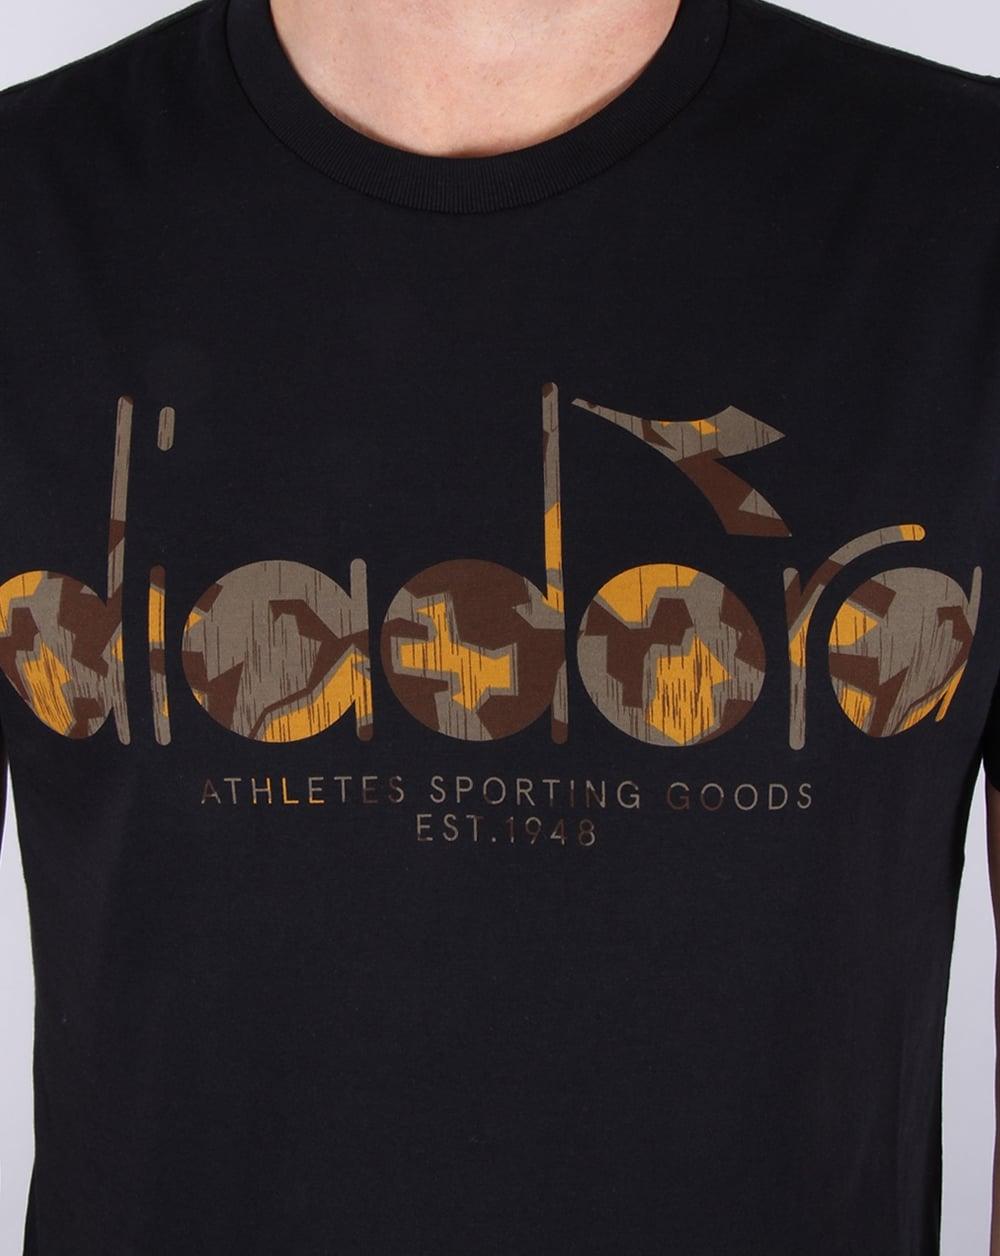 Camo Shirts For Men